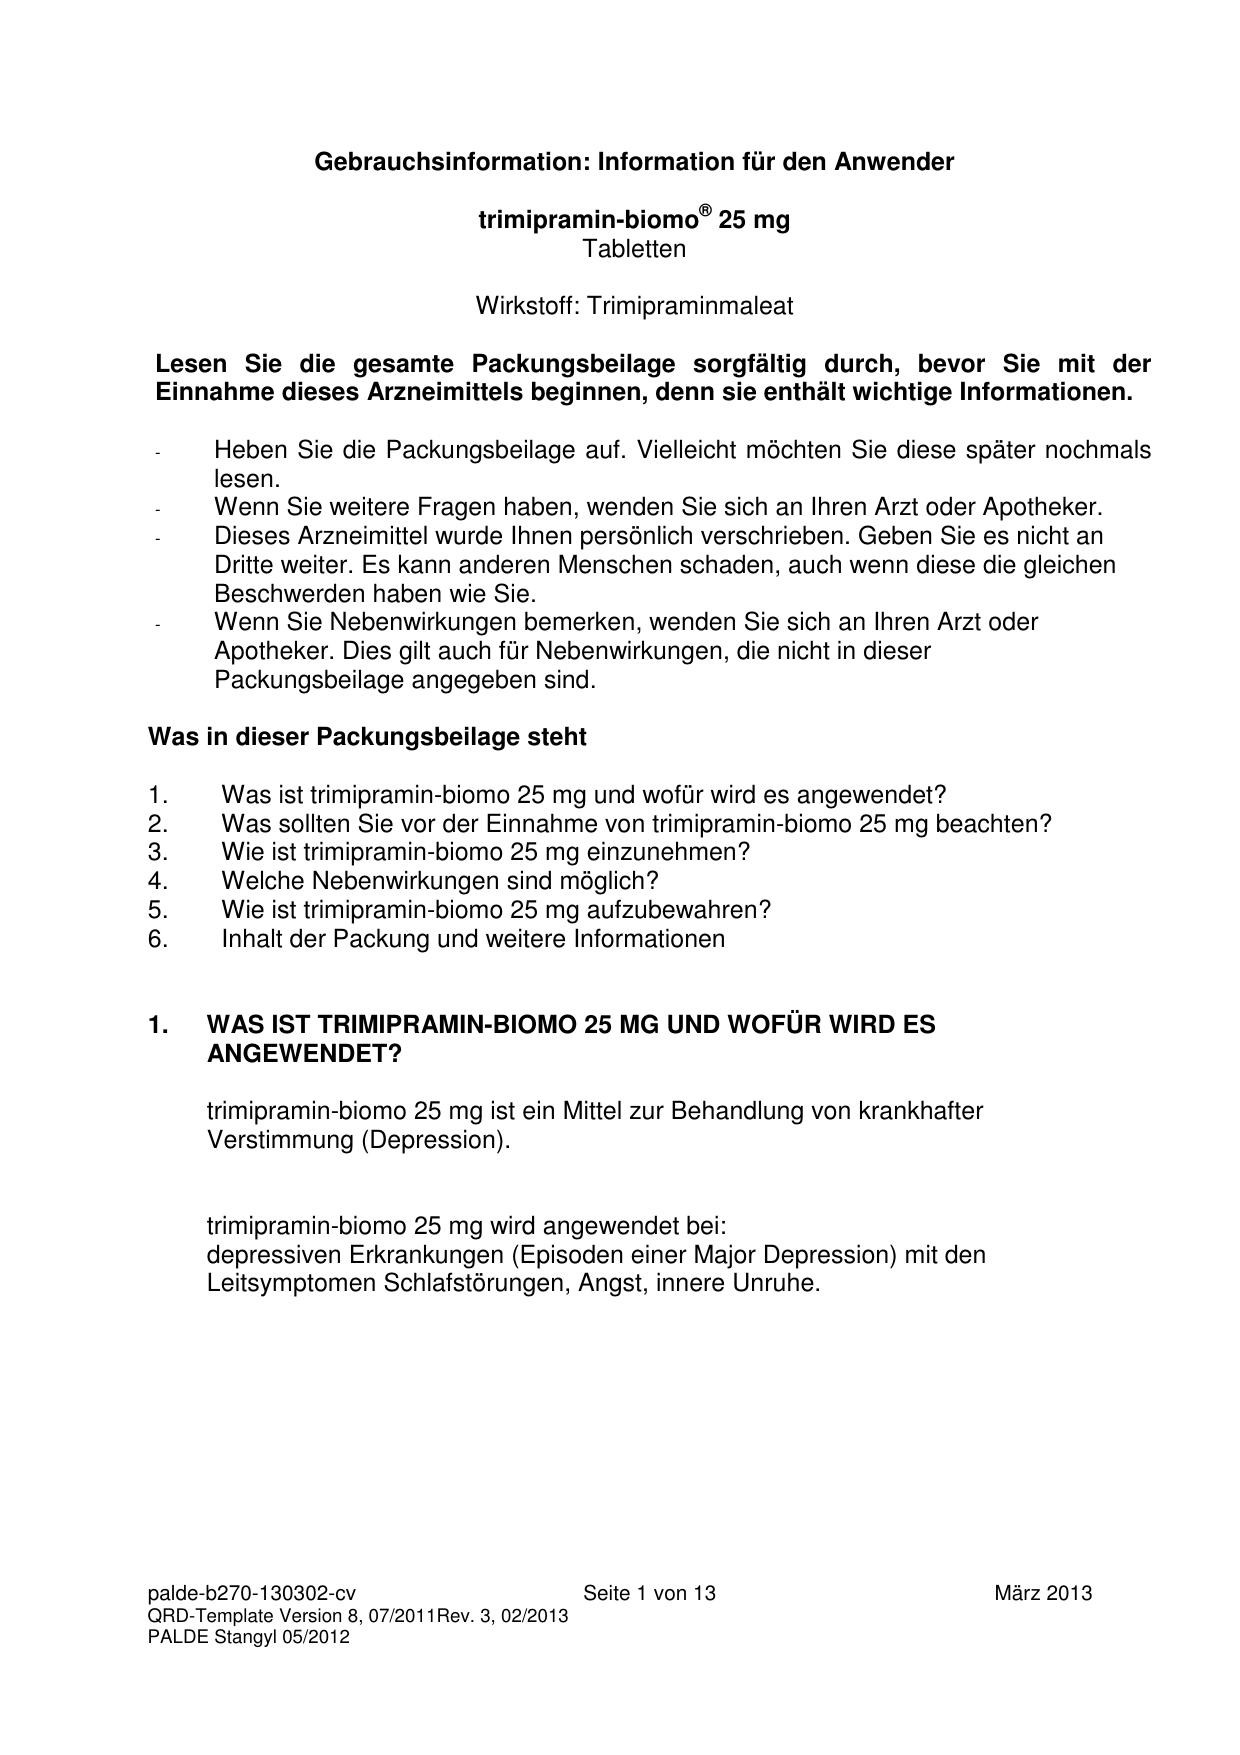 Information für den Anwender trimipramin